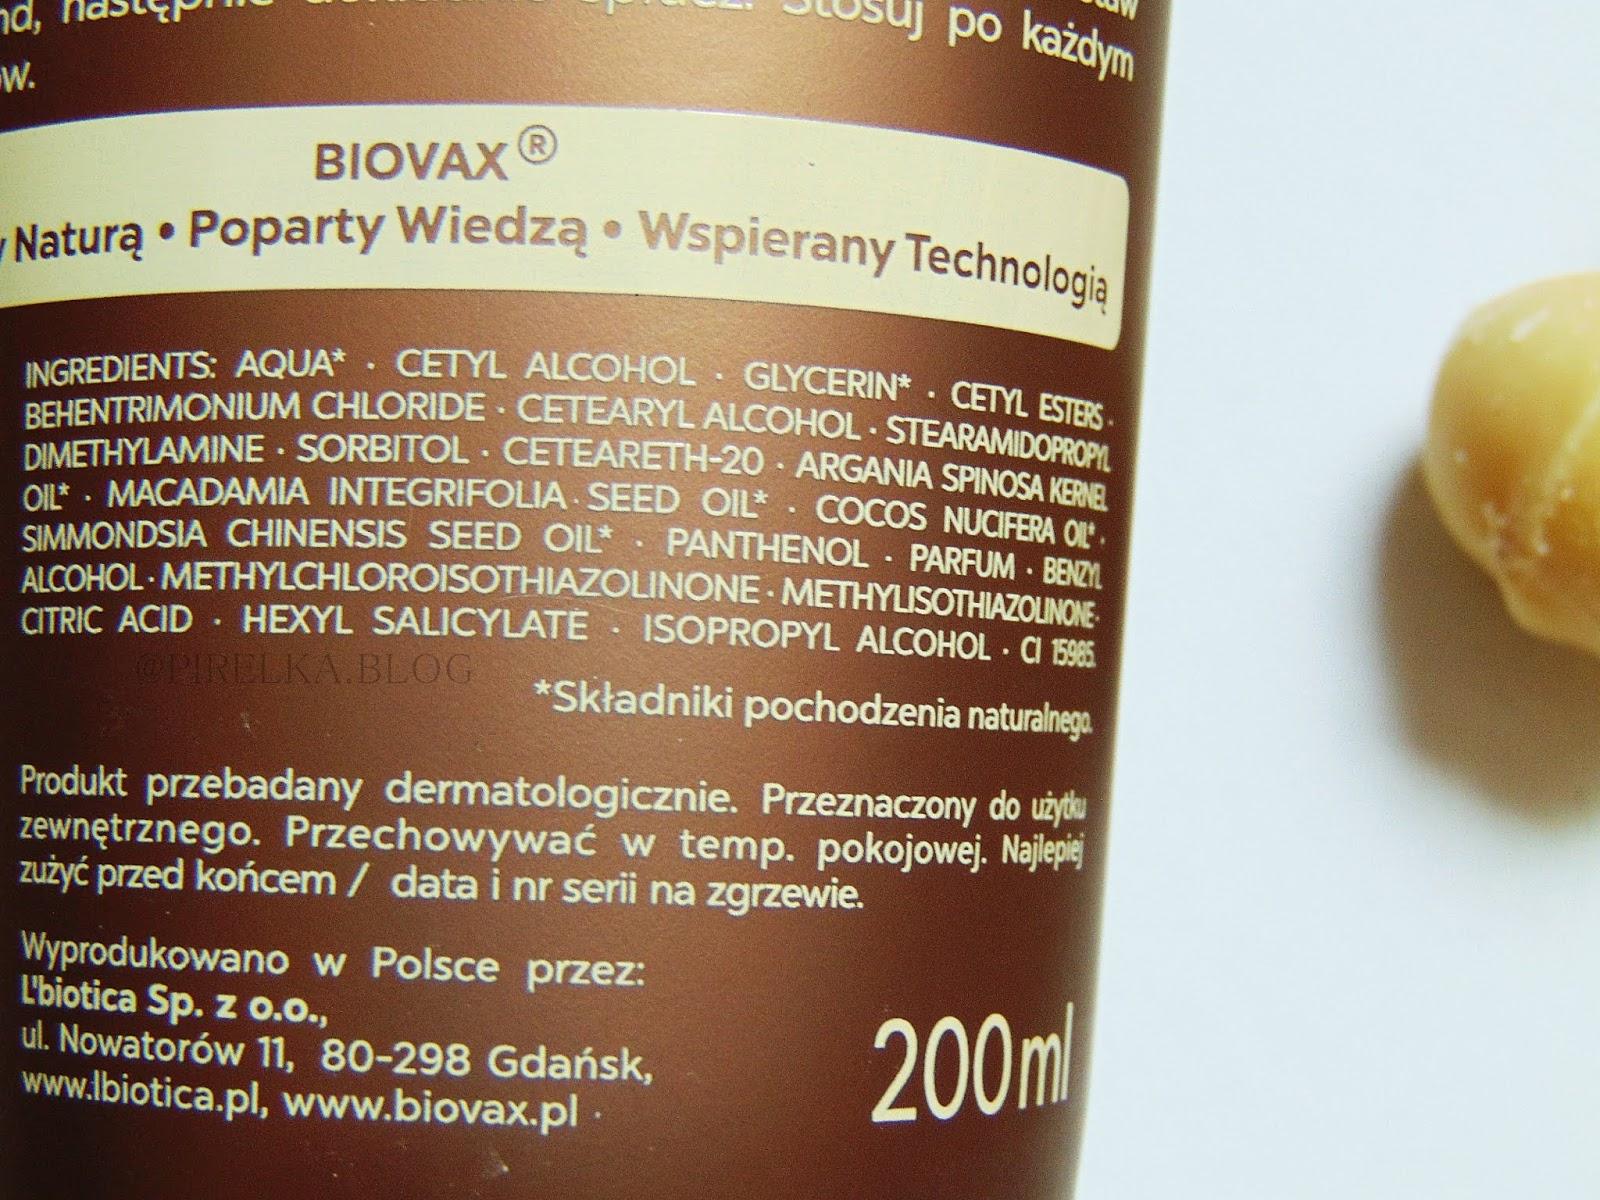 L'biotica, Odżywka ekspresowa 7w1 Biovax| Argan, Kokos, Makadamia